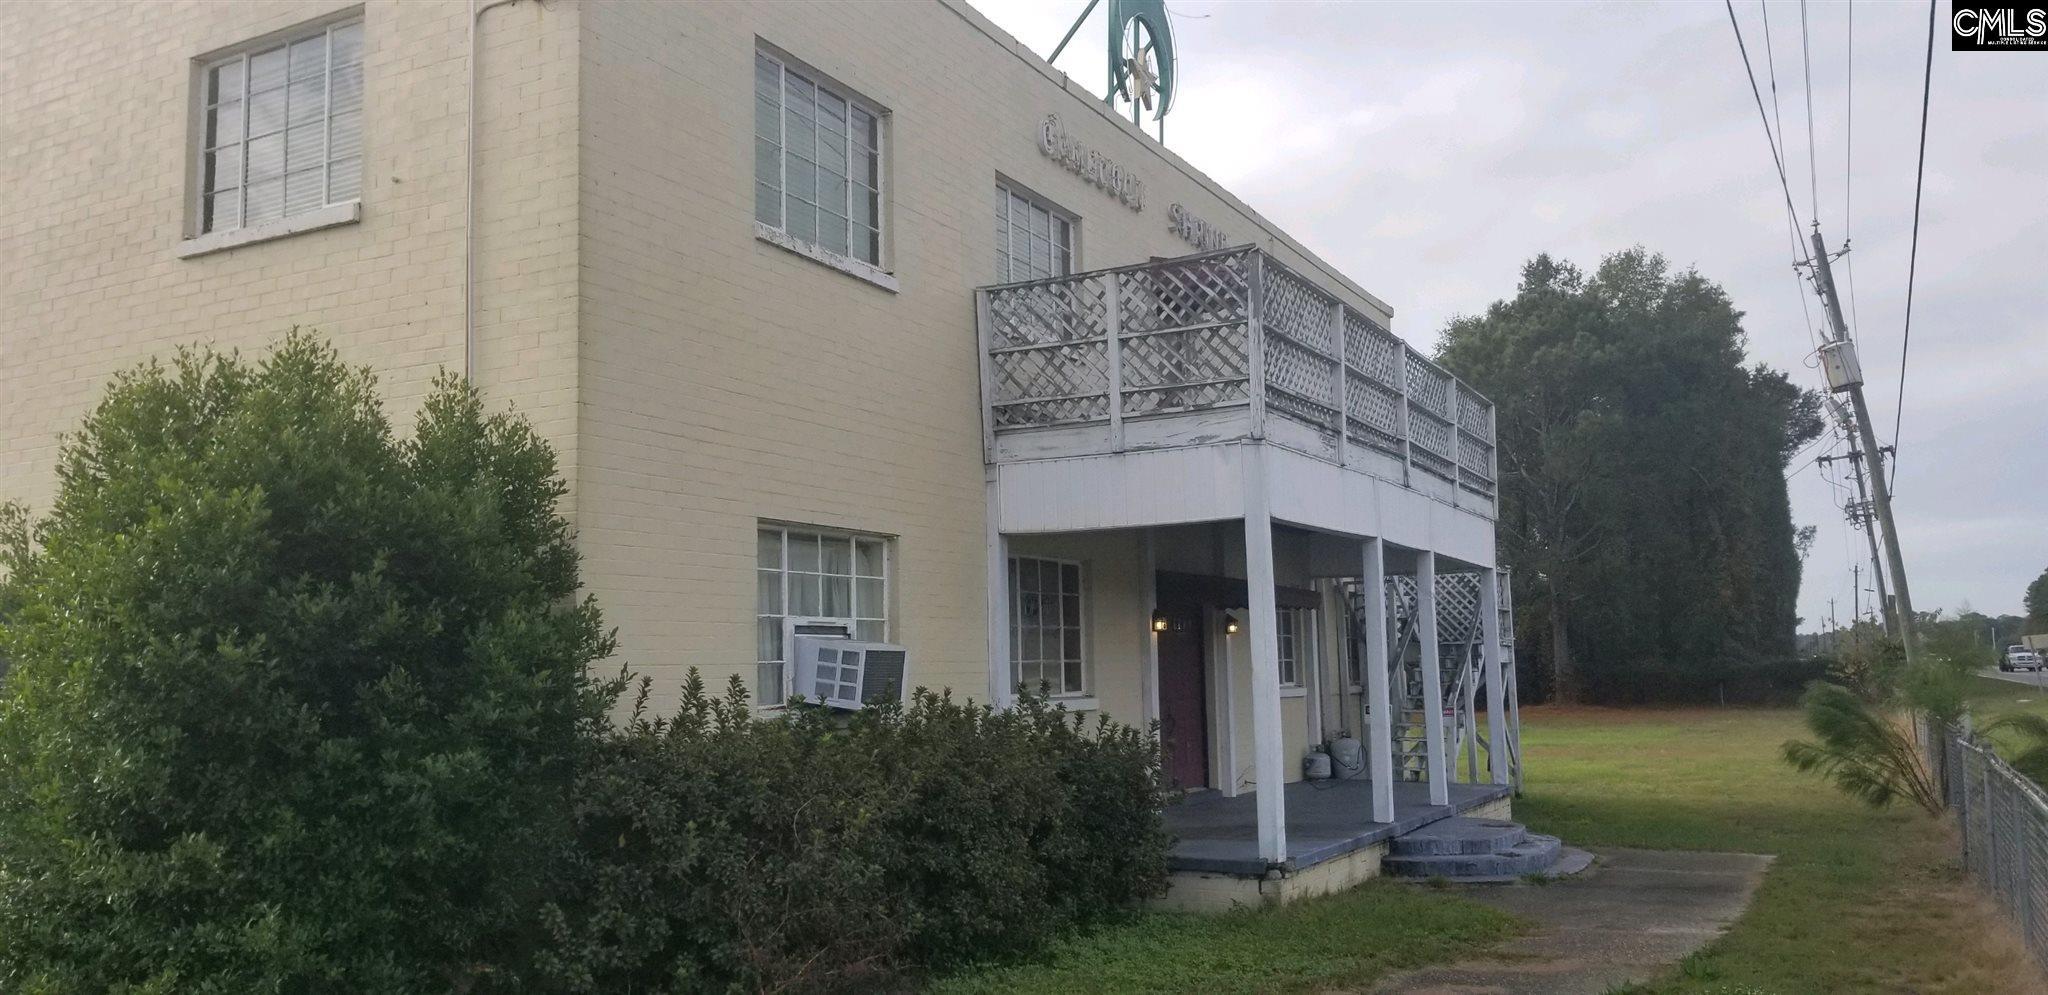 1865 1865 15 Highway S Sumter, SC 29150